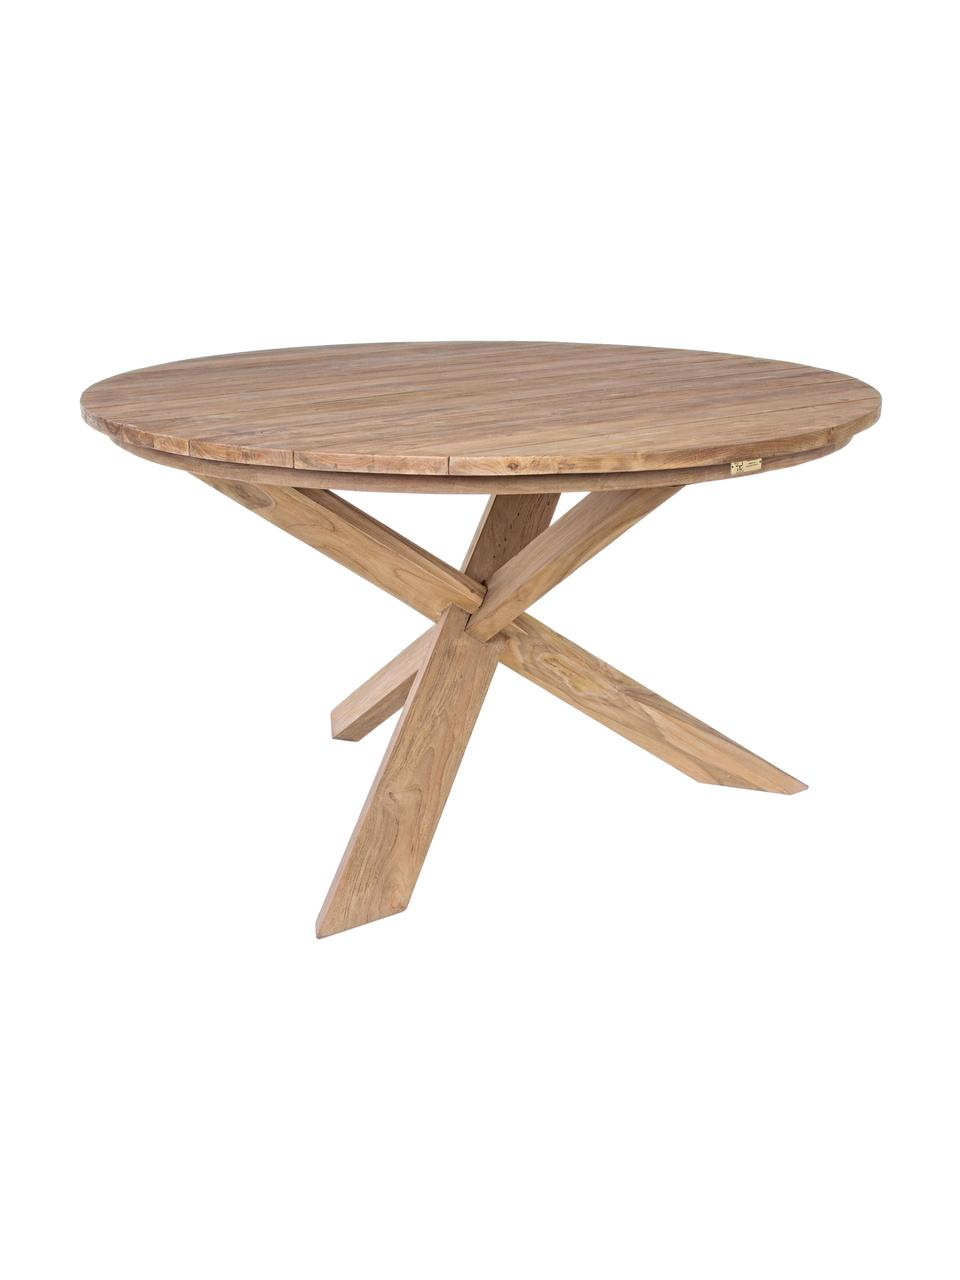 Massief houten eettafel Rift, Teakhout, gerecycled en FSC-gecertificeerd, Teak, Ø 135 x H 76 cm